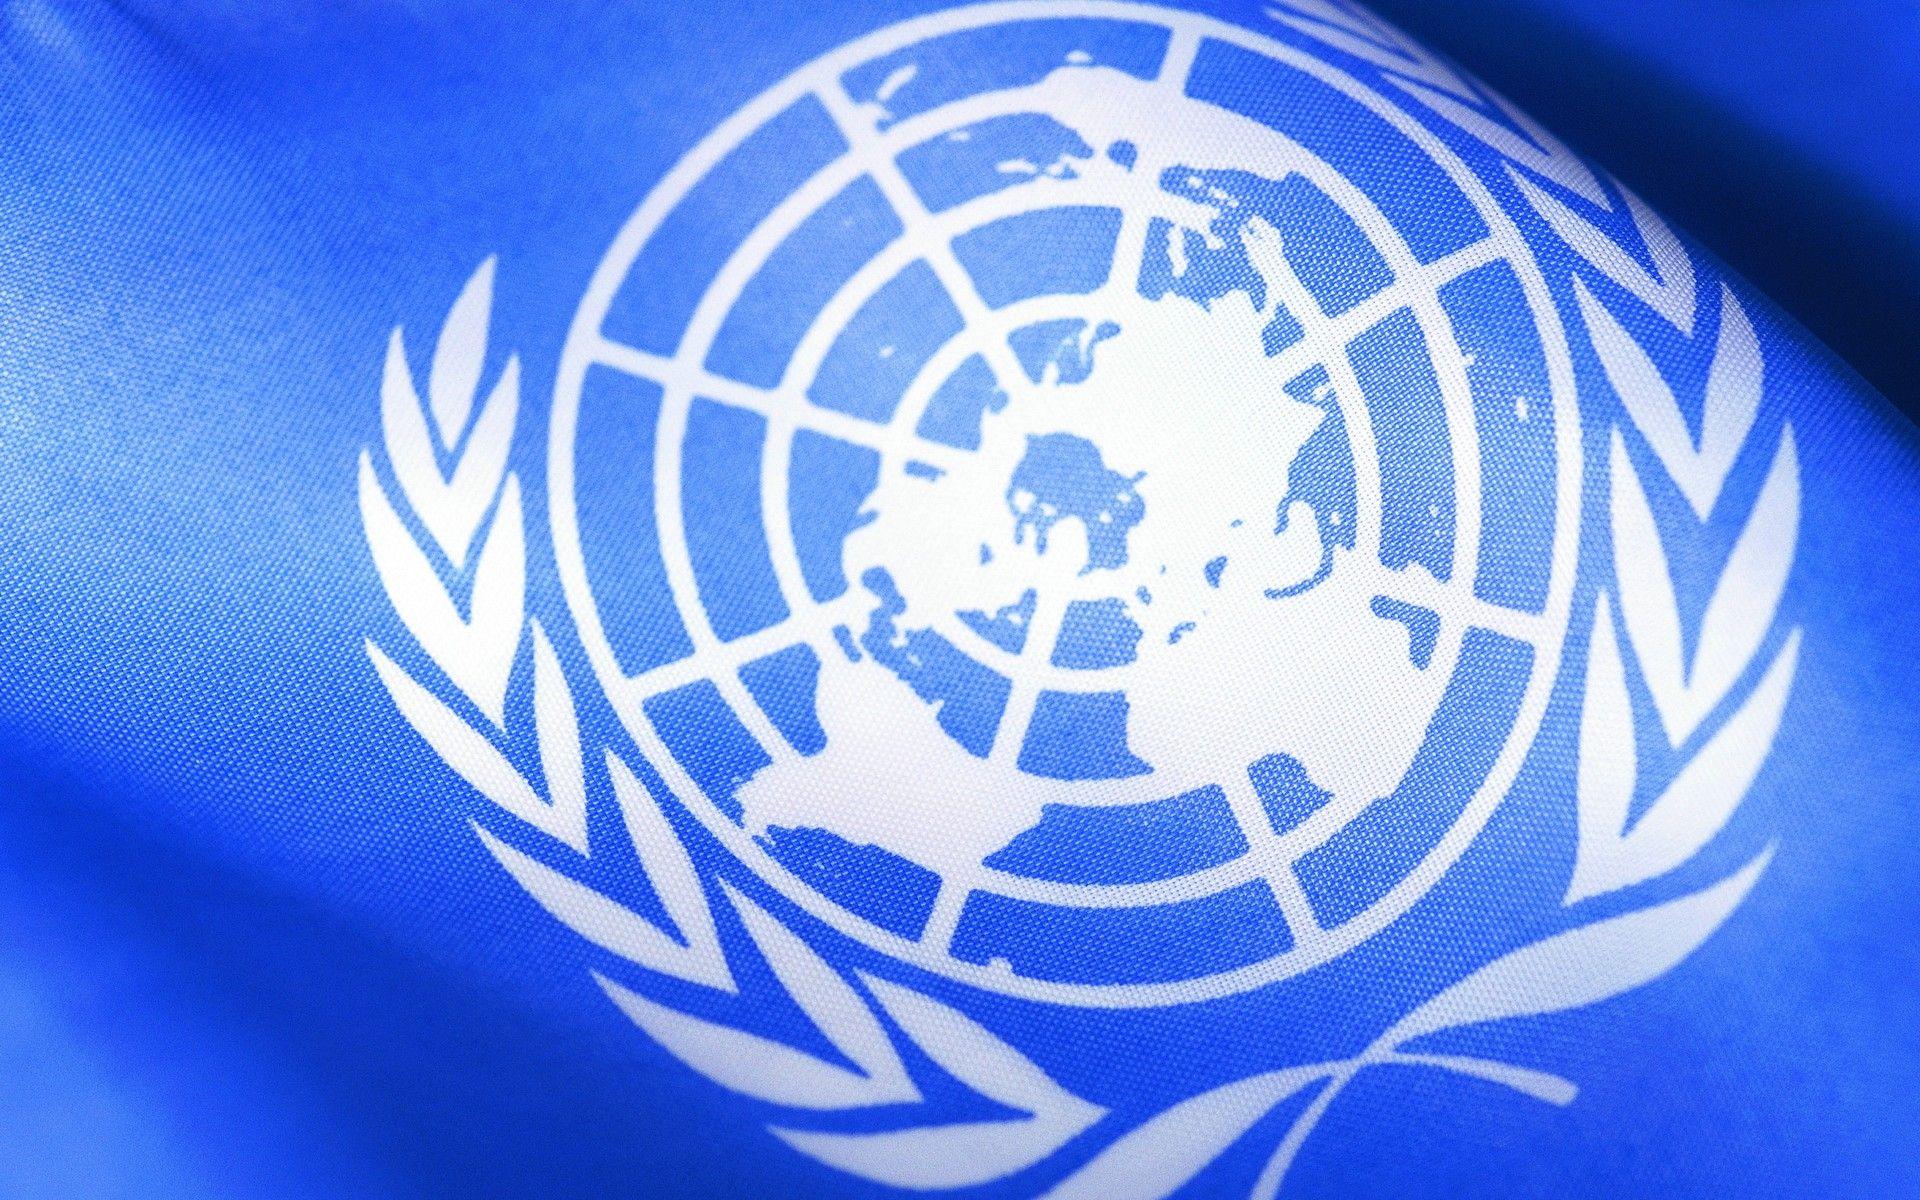 Місія ООН нарахувала 9640 жертв і 22431 поранених внаслідок конфлікту на Донбасі / 5.ua